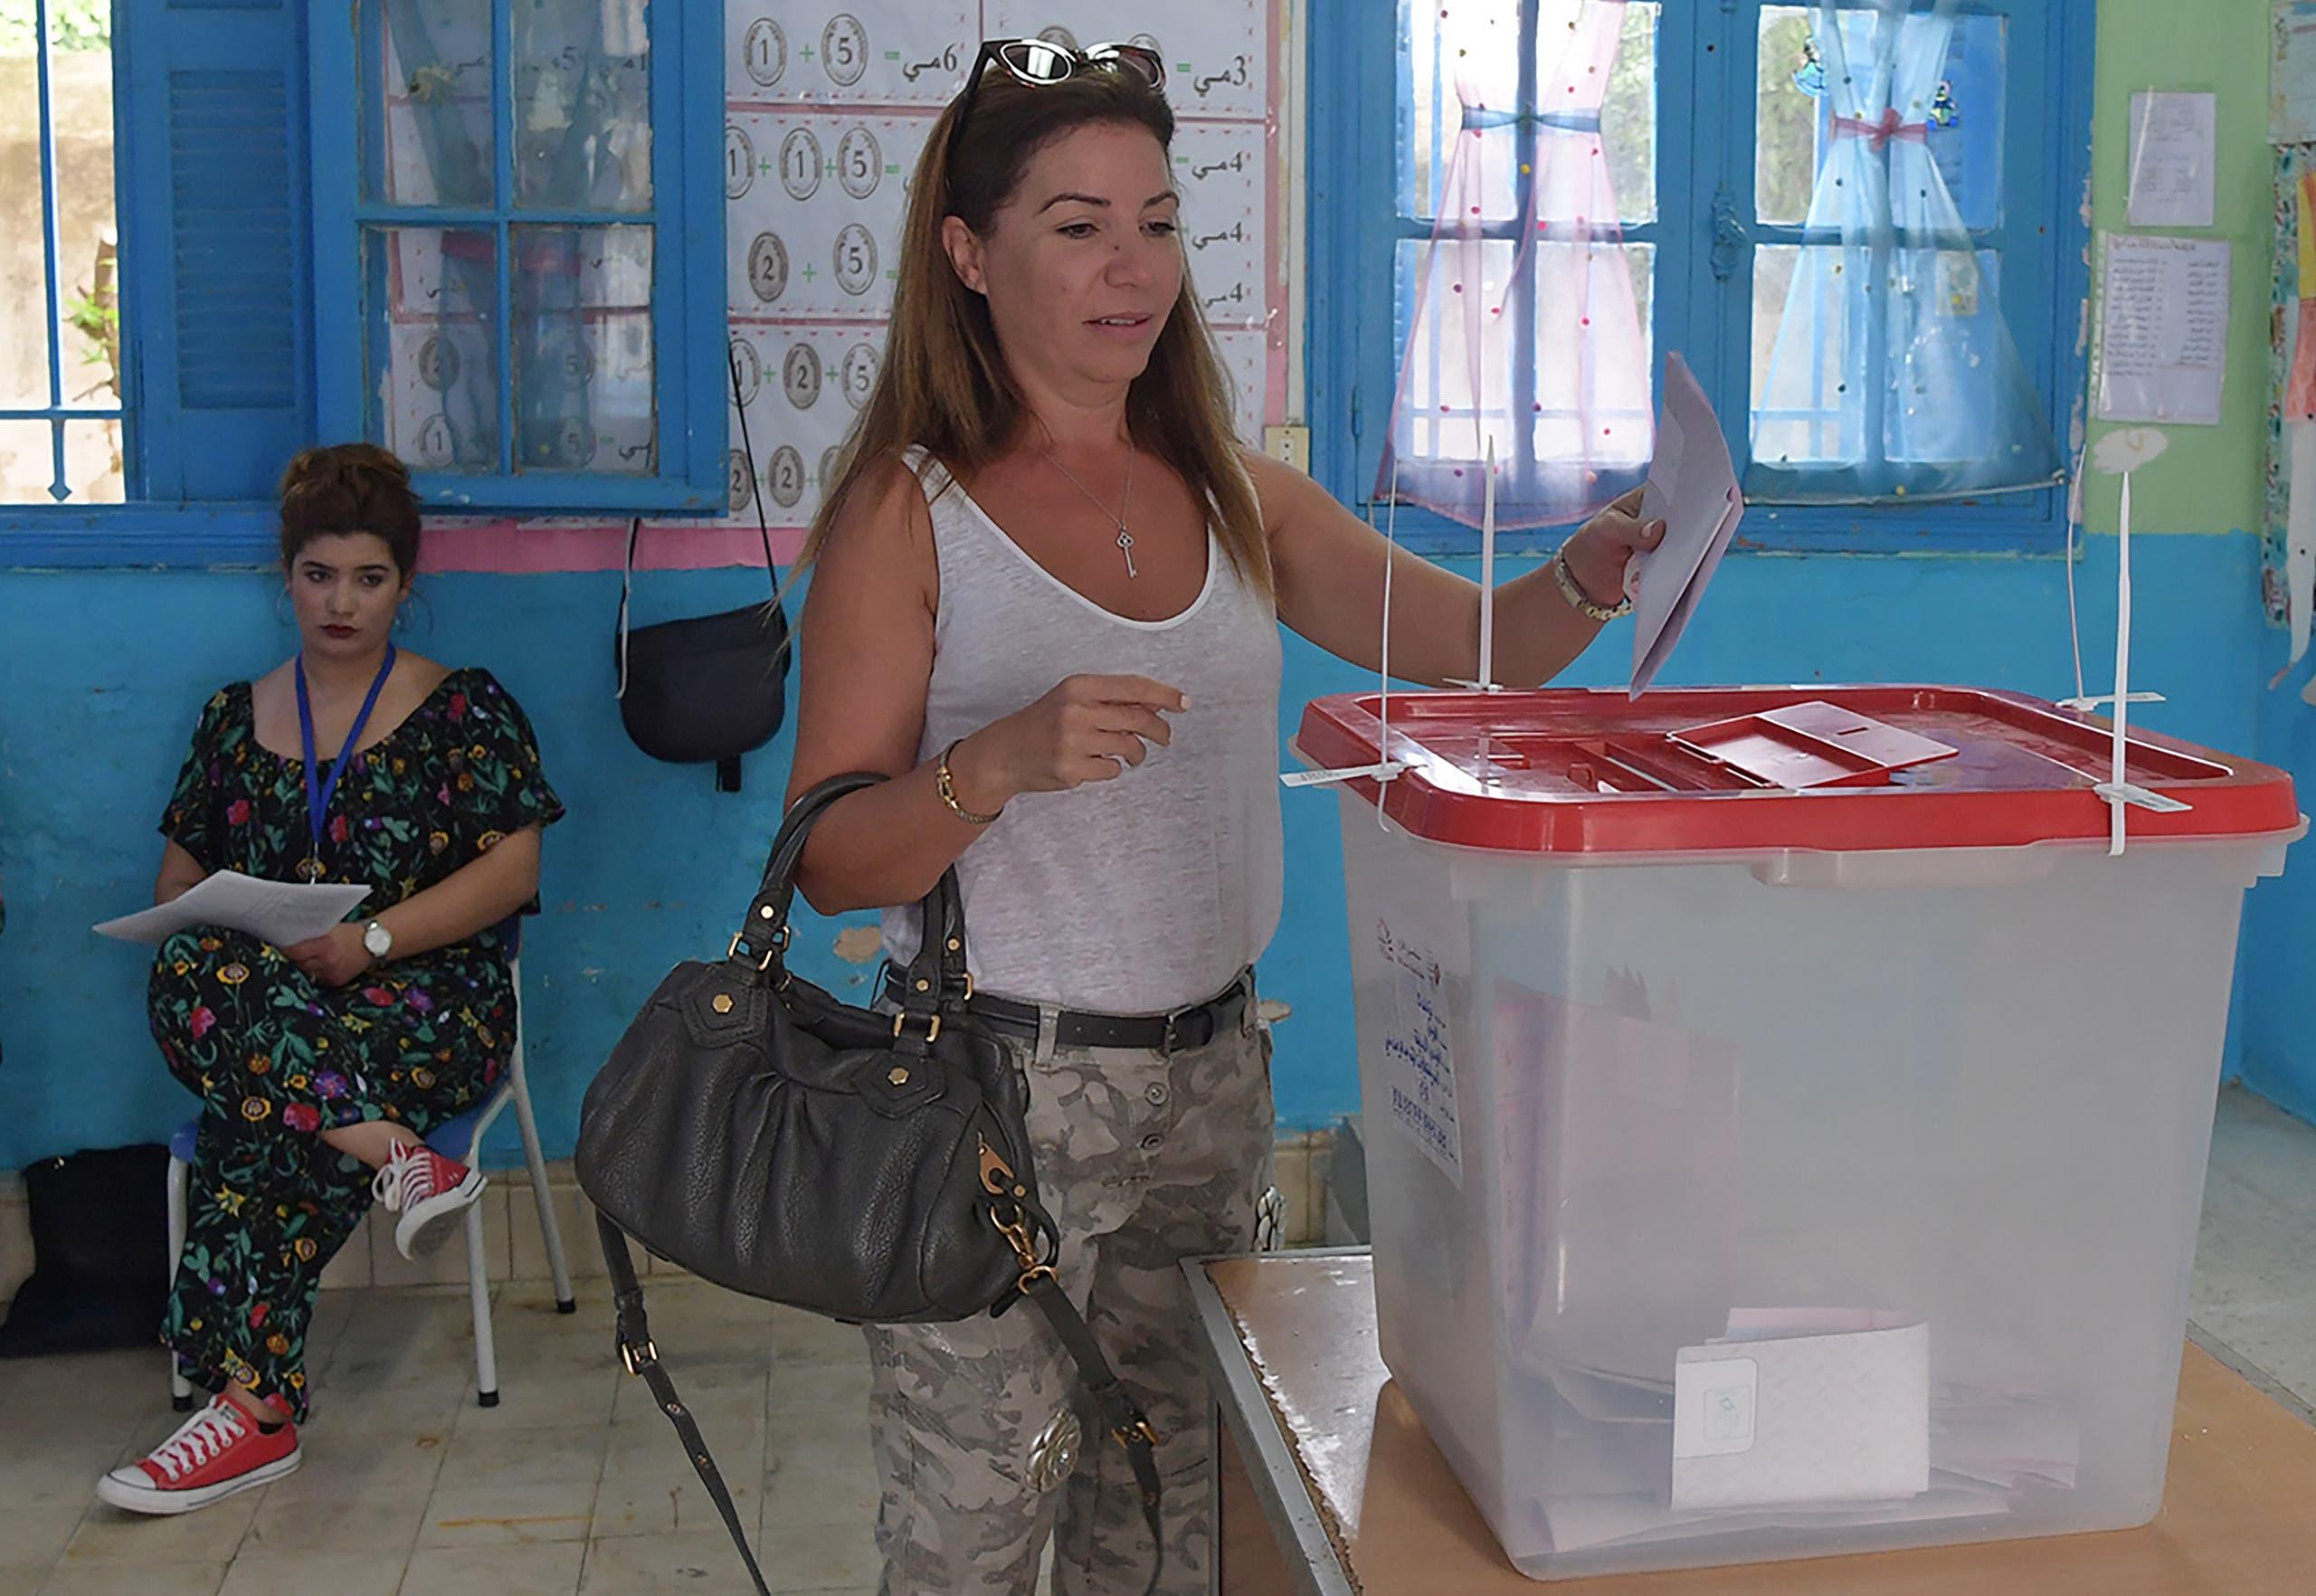 انتخابت تونس الرئاسية(15 سبتمبر- فرانس برس)